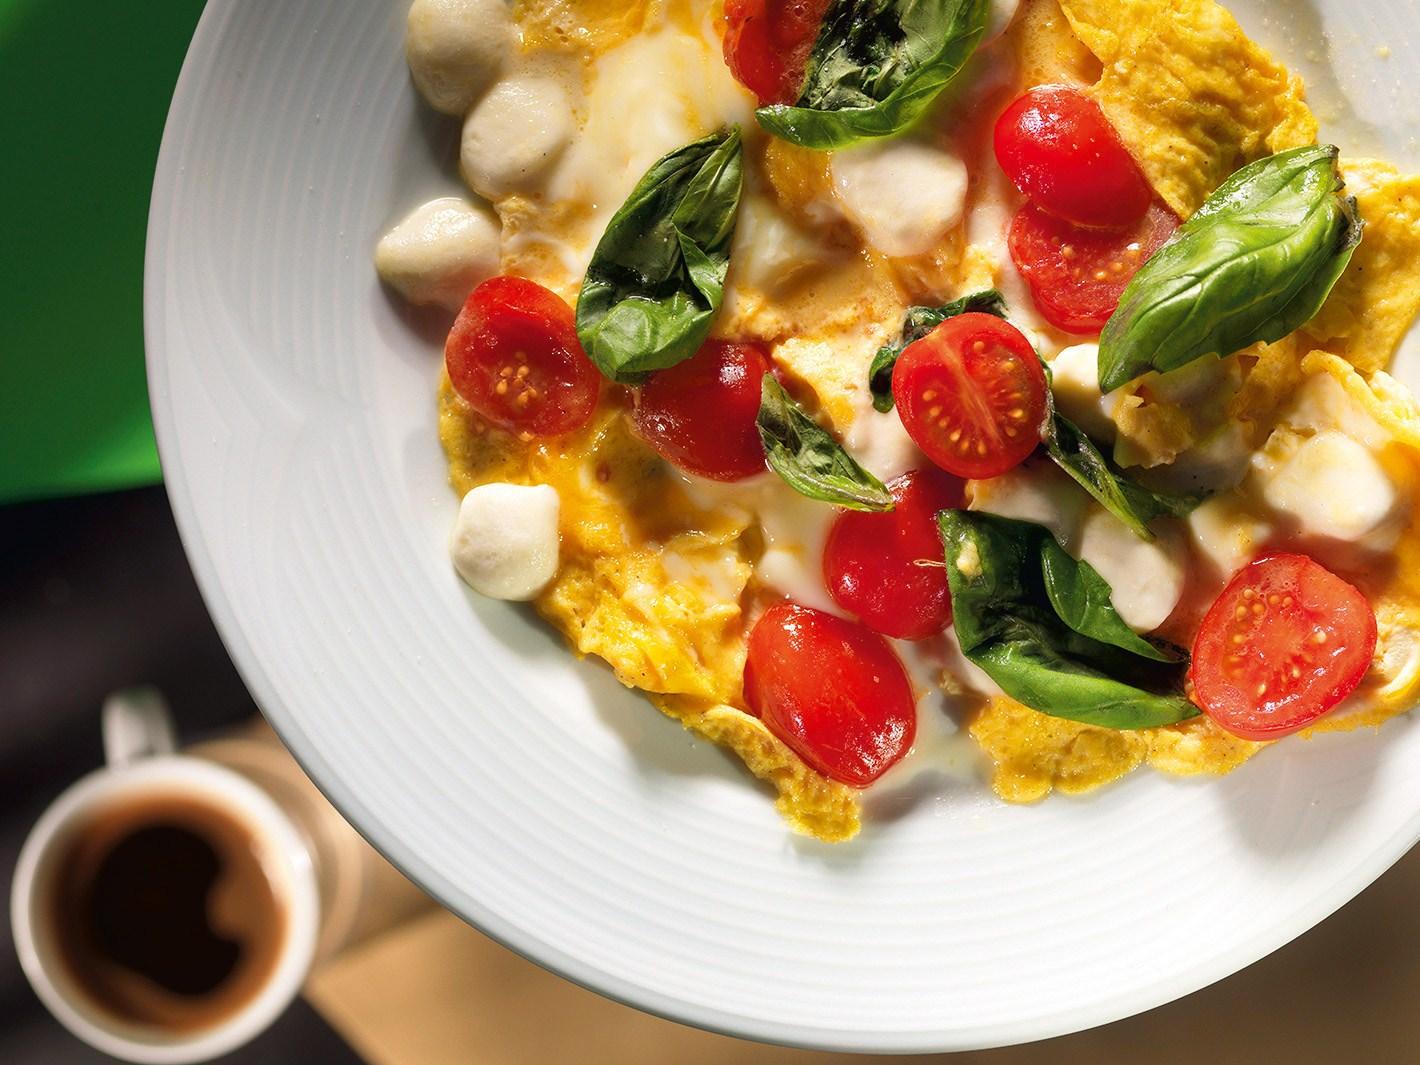 Полезный завтрак: 6 лучших рецептов омлетов с овощами